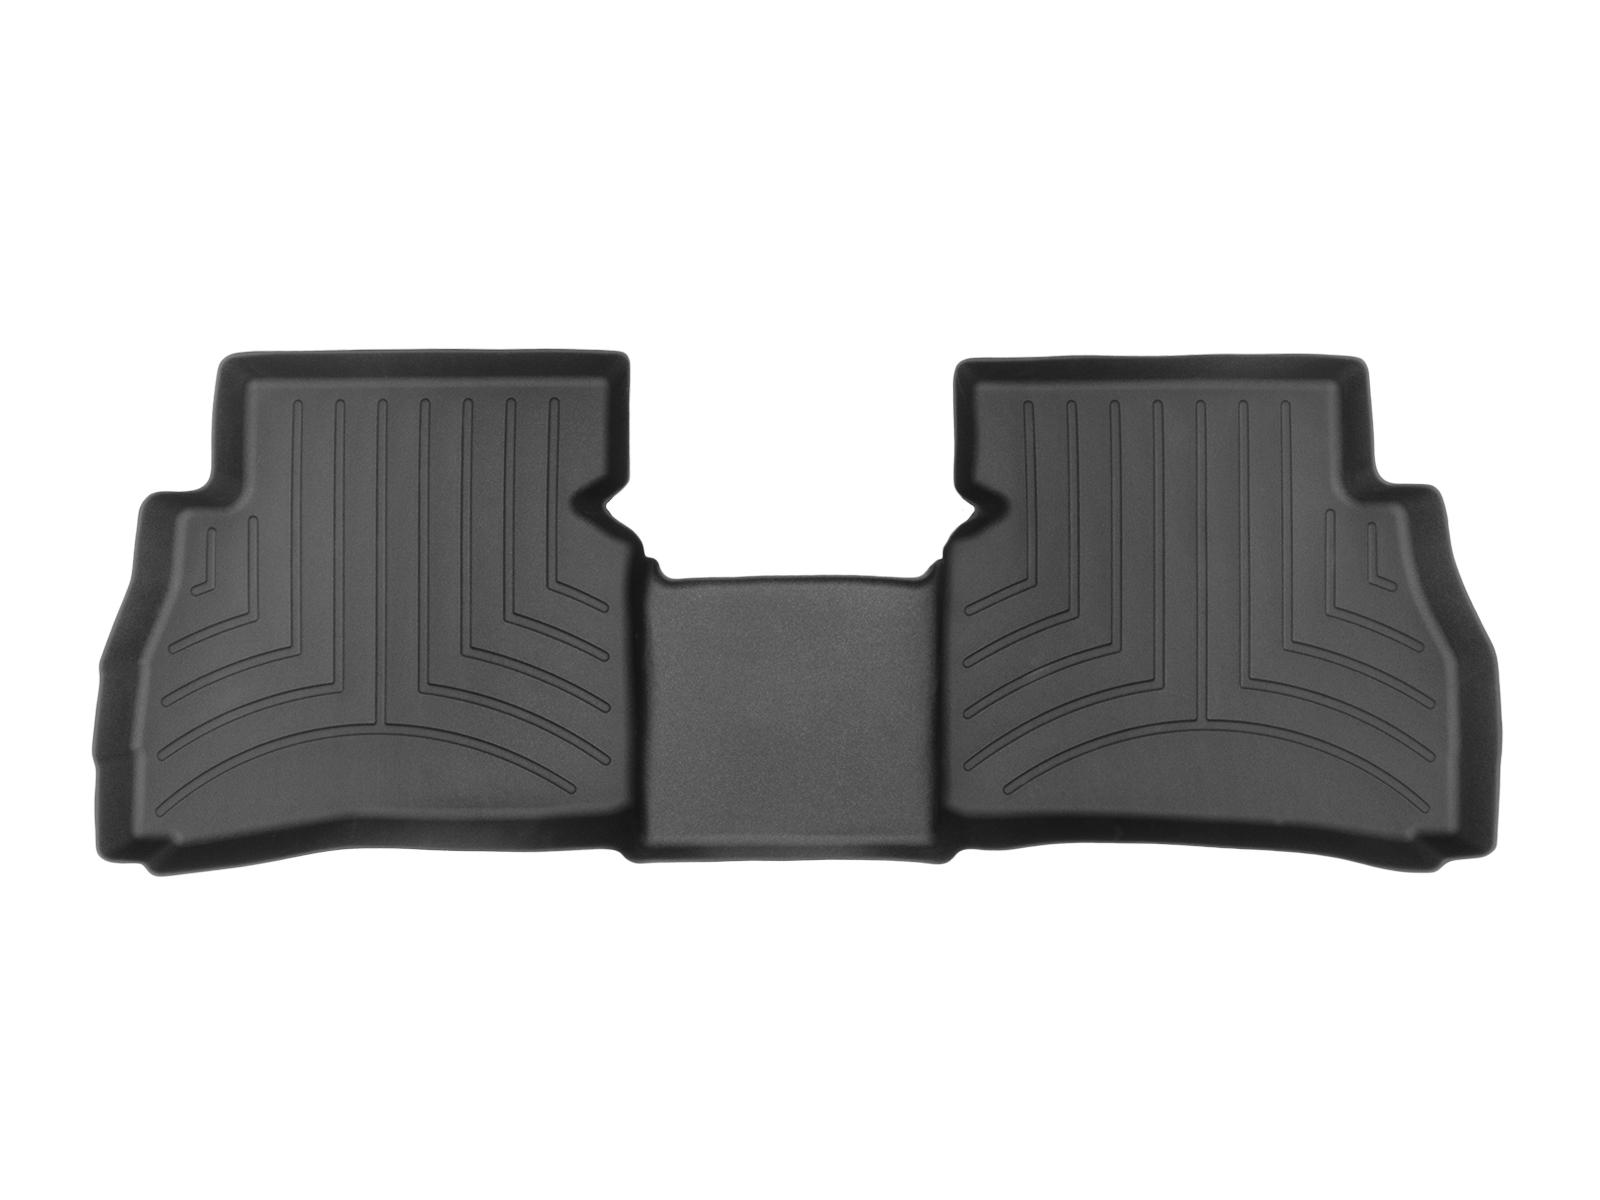 Tappeti gomma su misura bordo alto Fiat Doblo 10>17 Nero A782*